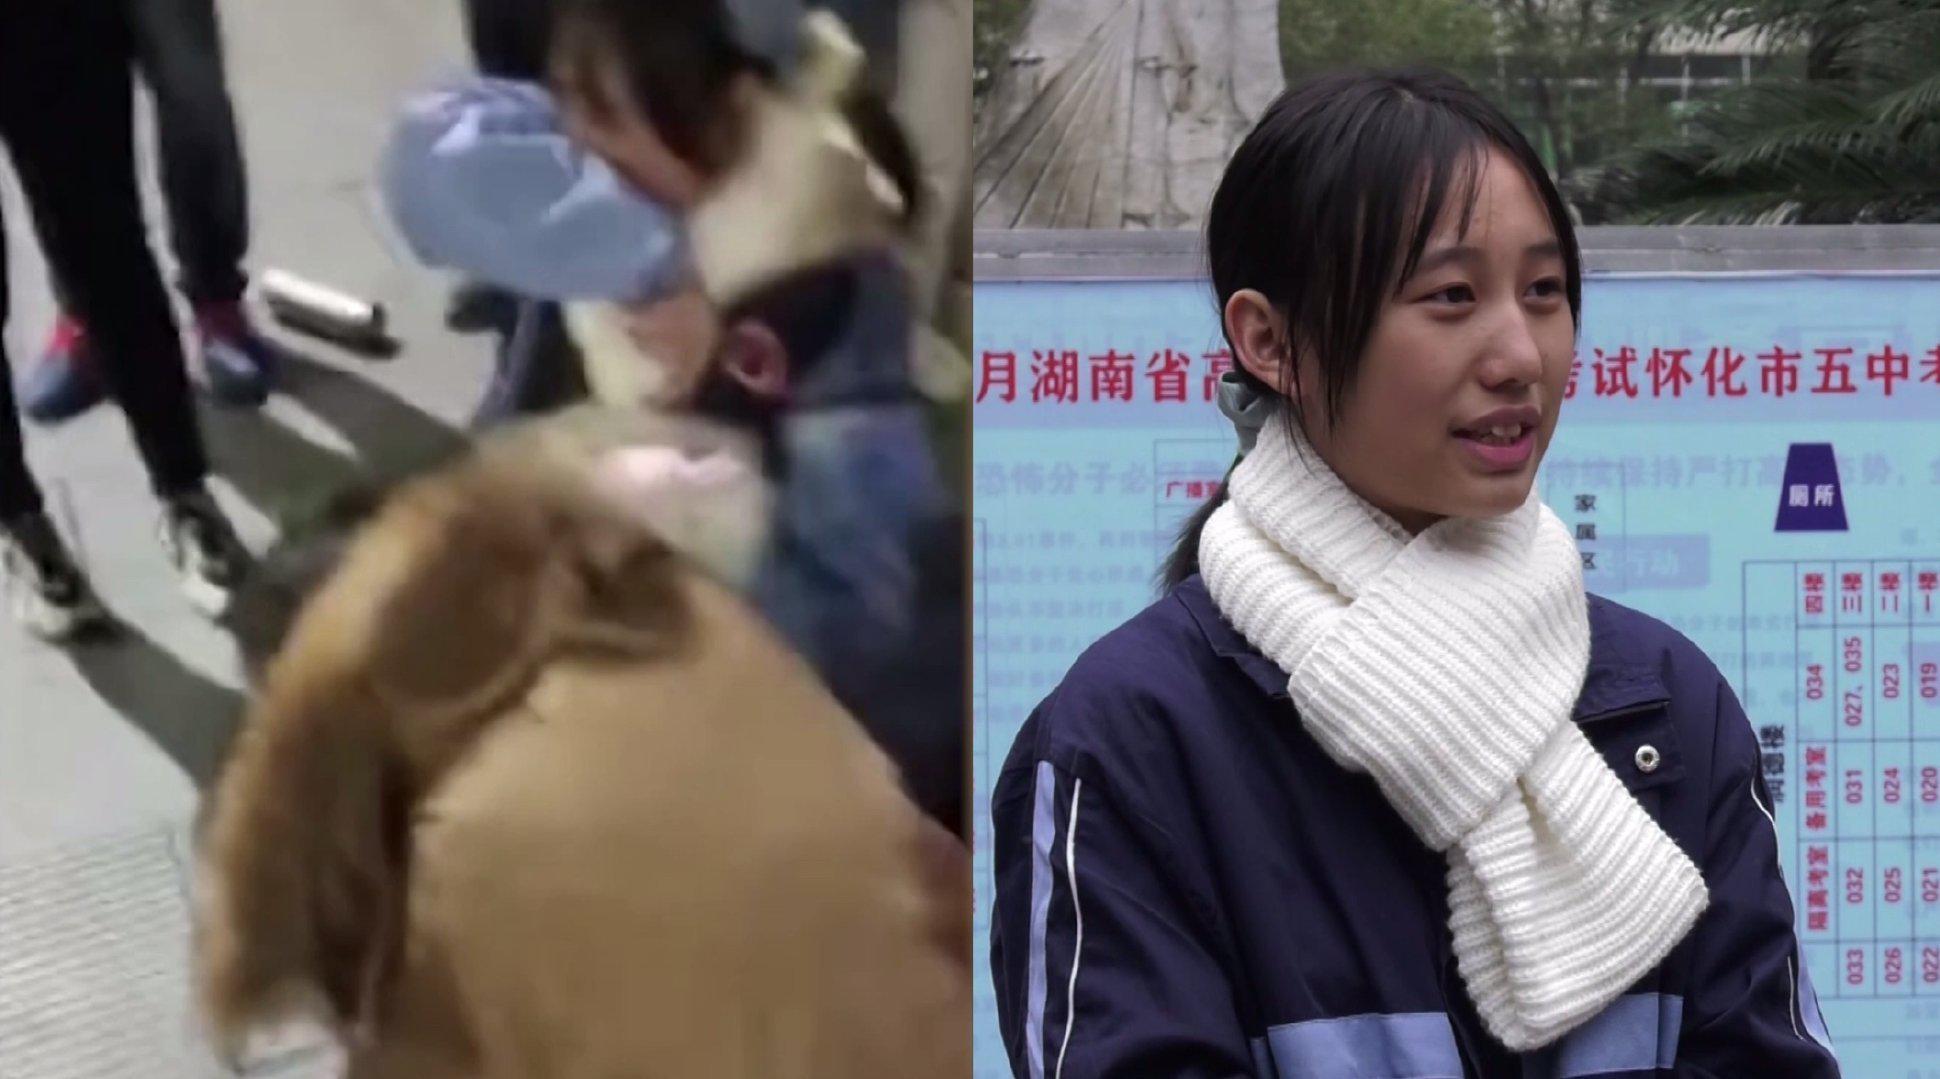 16岁女高中生劝救跳桥女孩:不救会后悔一辈子